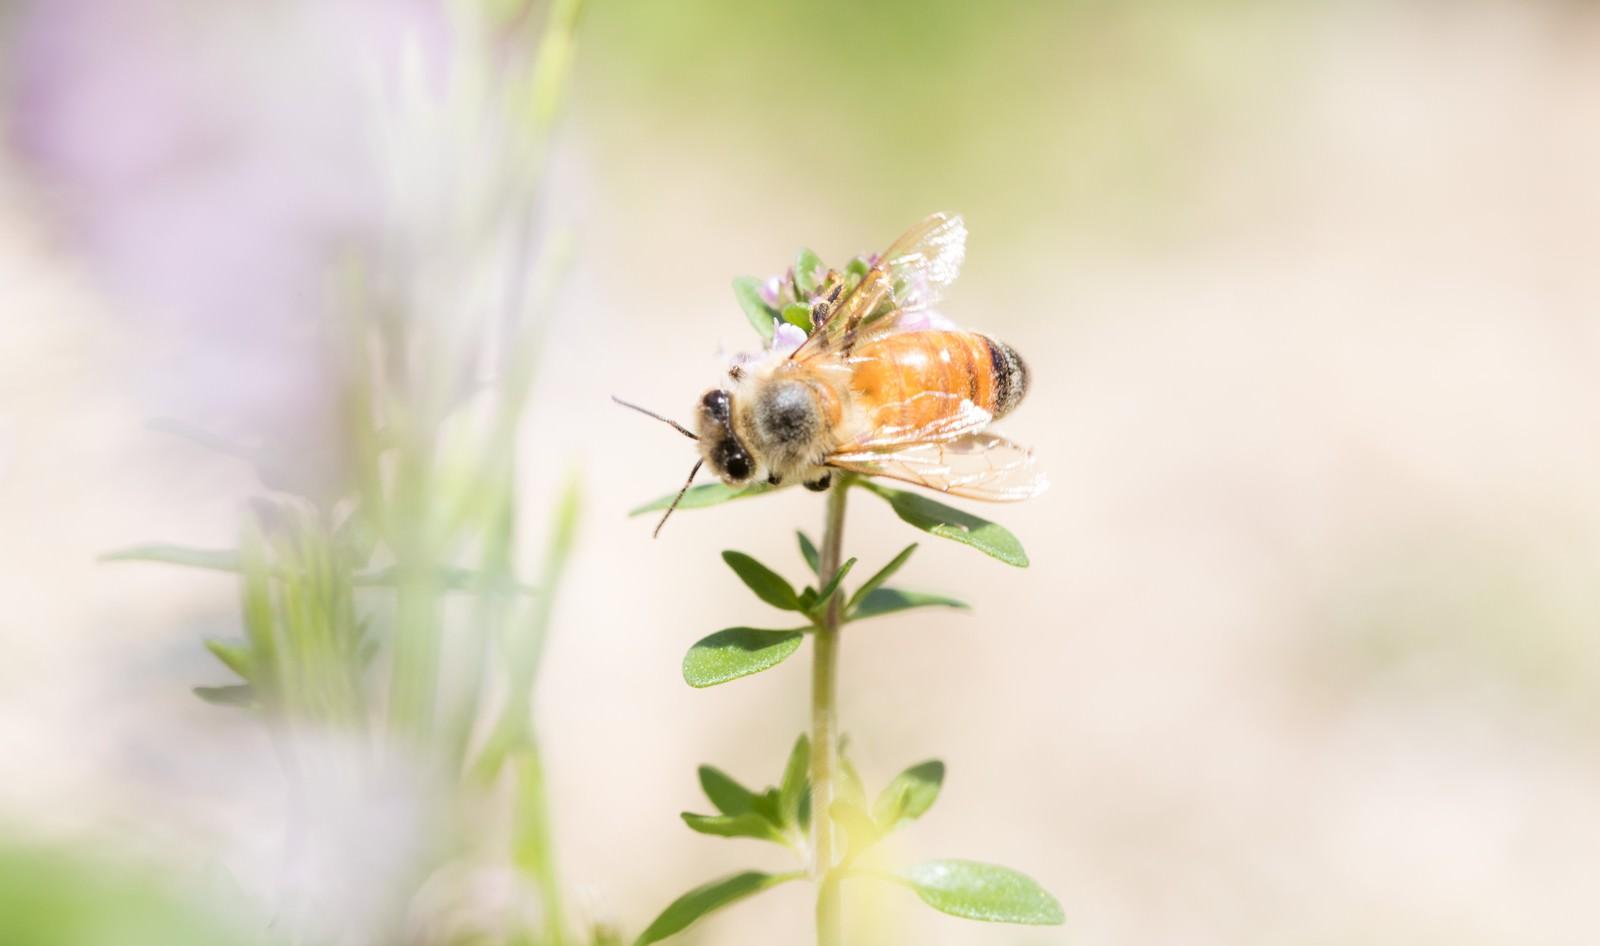 「ハーブに吸蜜に来たミツバチ」の写真